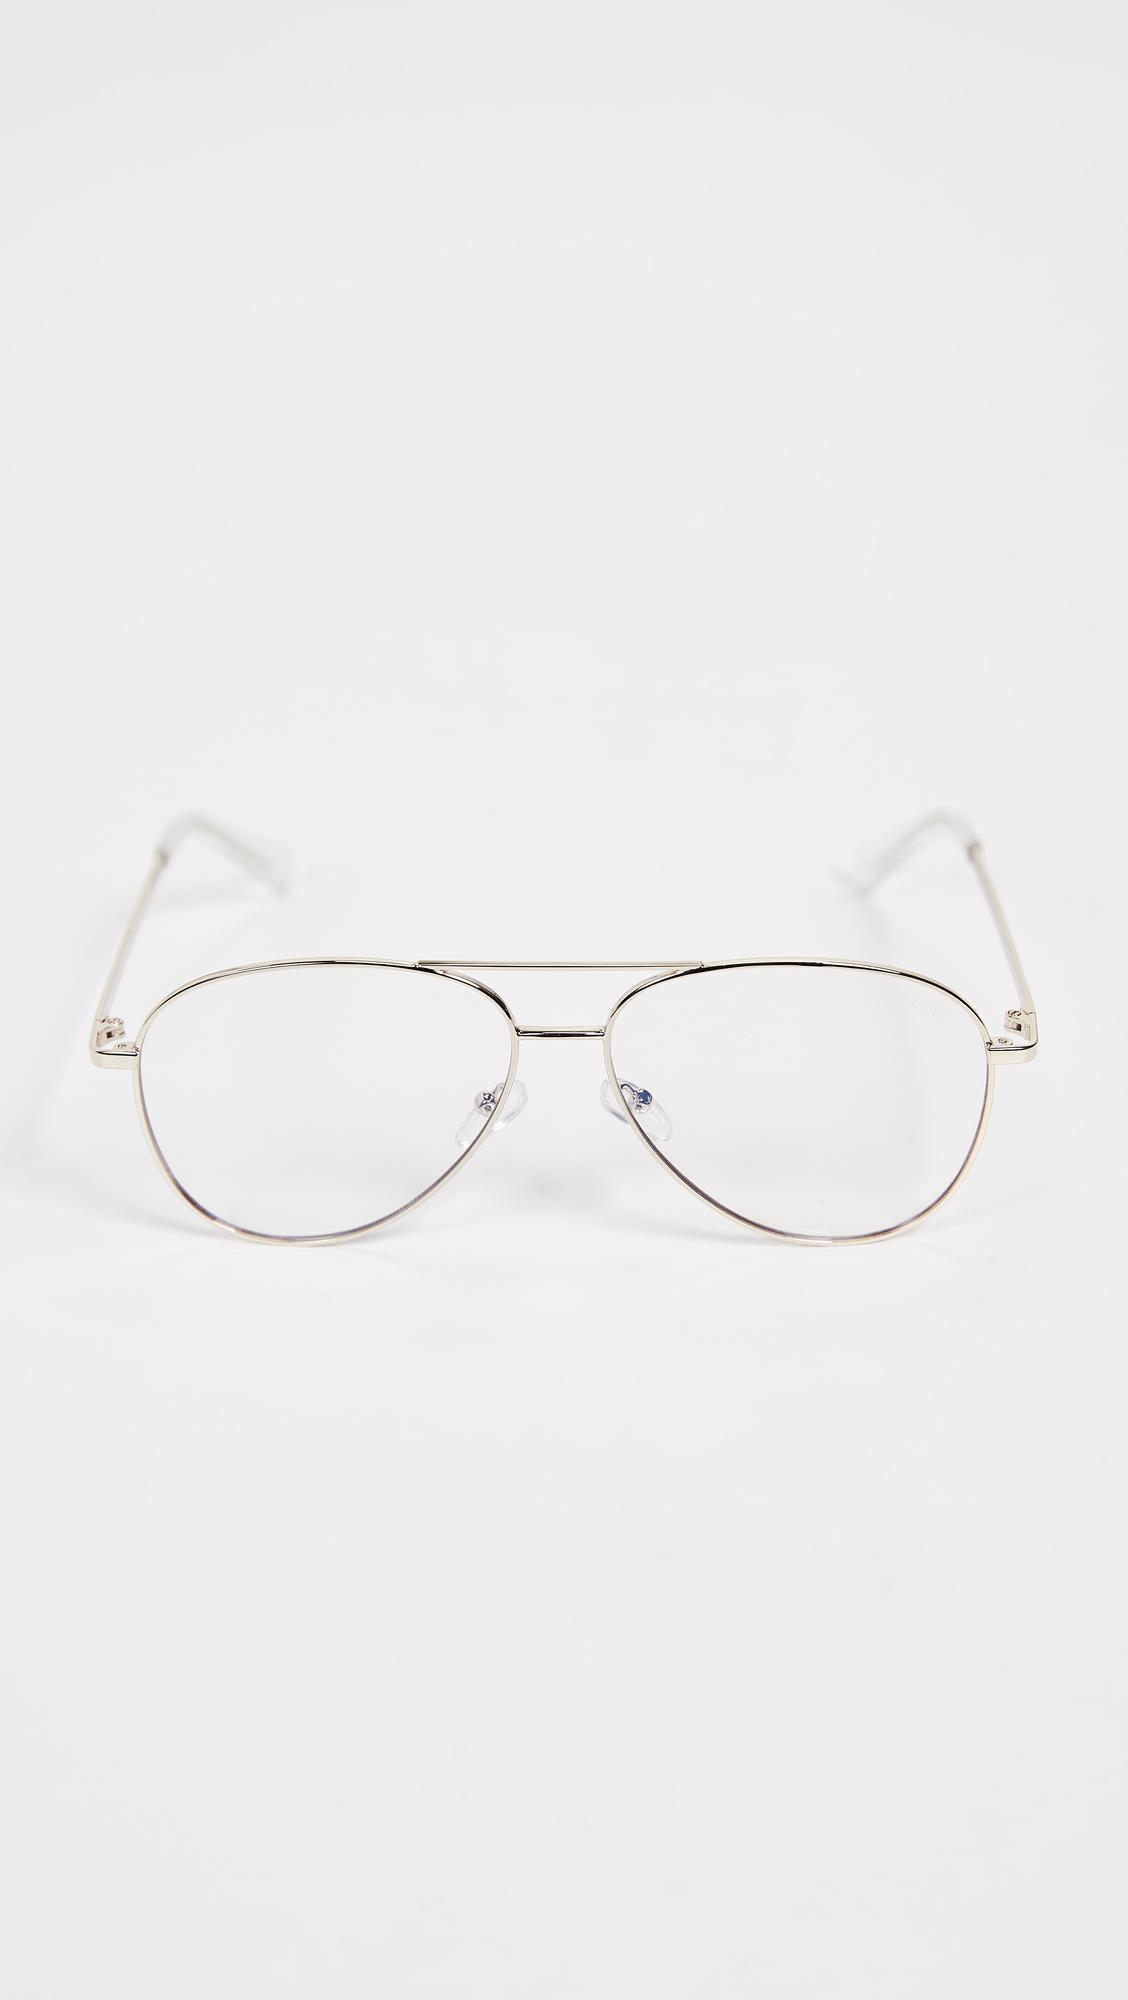 d9e2535e37 Lyst - Quay Still Standing Blue Light Blocker Glasses in Metallic ...